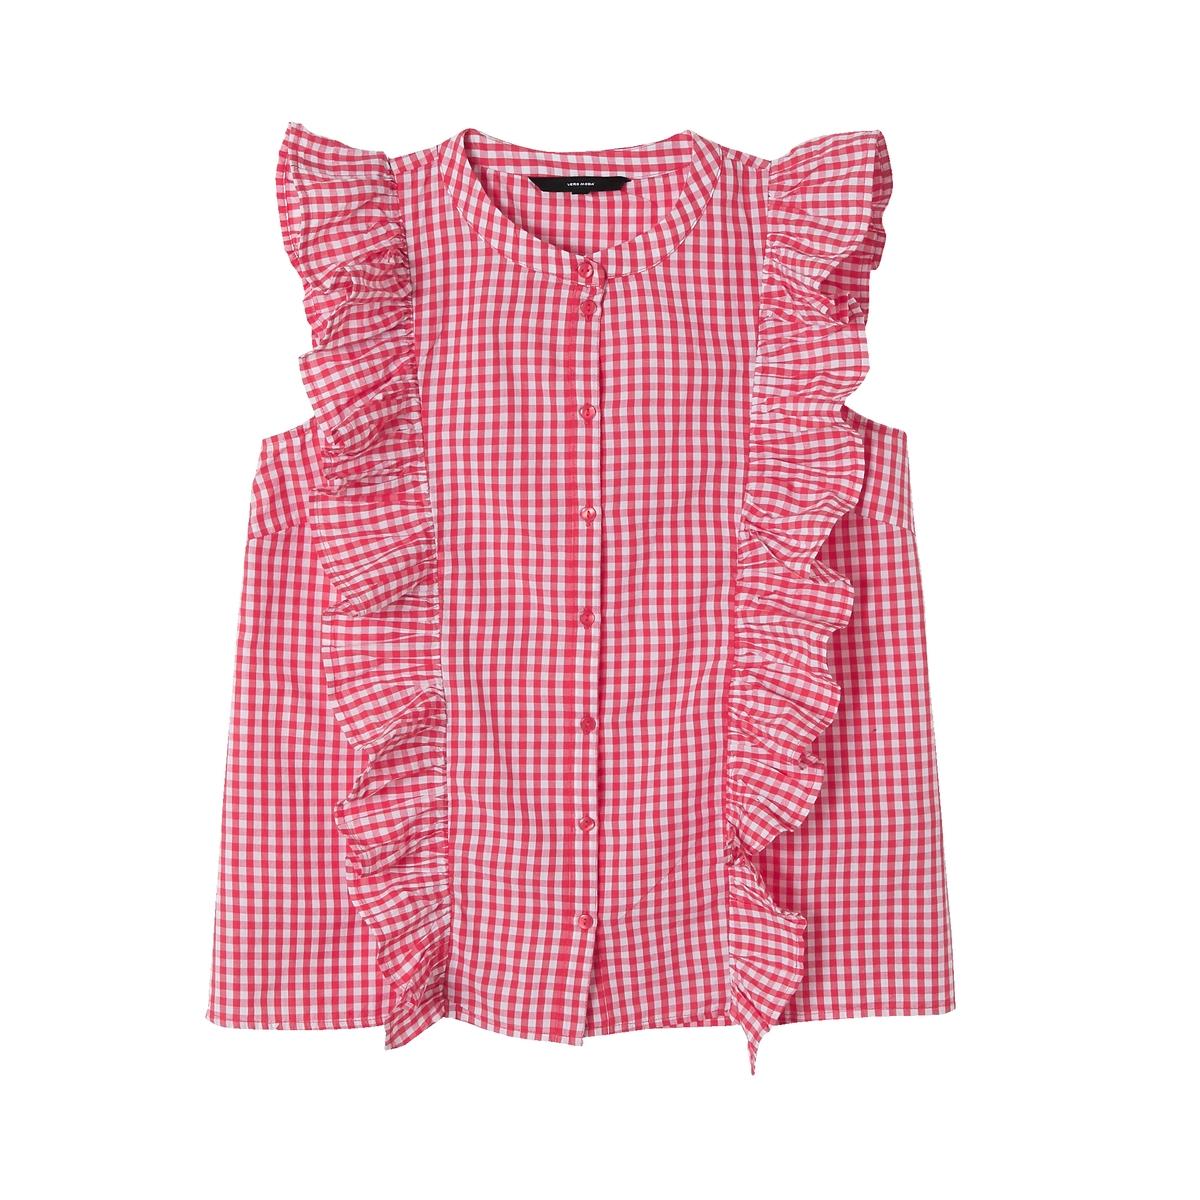 Блузка с воланами, с рисунком, без рукавов блузка с рисунком и накладными воланами